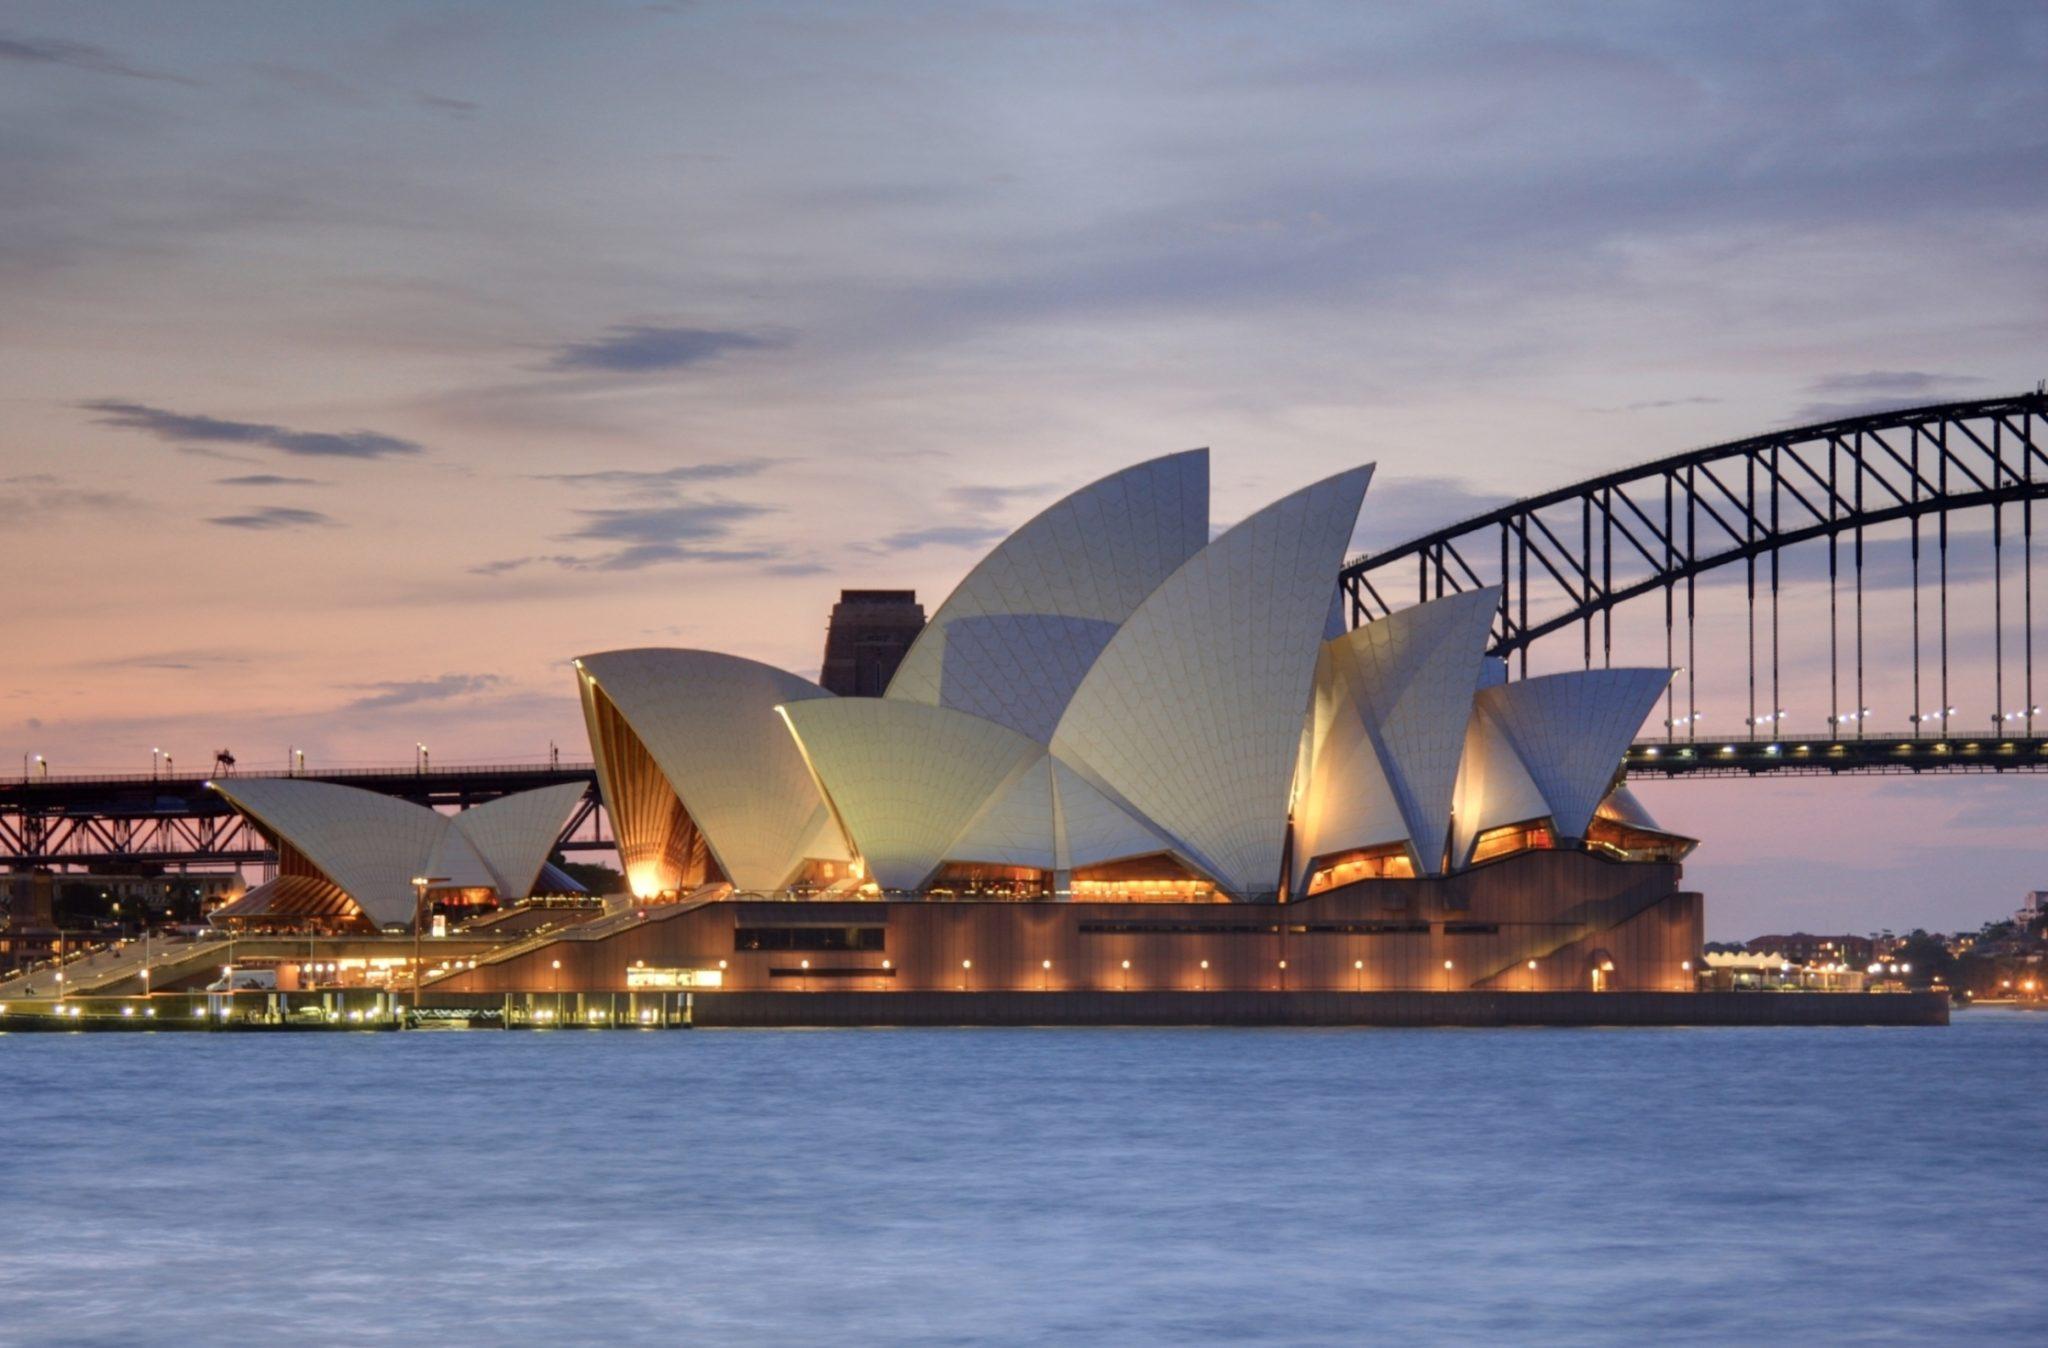 австралия достопримечательности фото и описание поисках точки